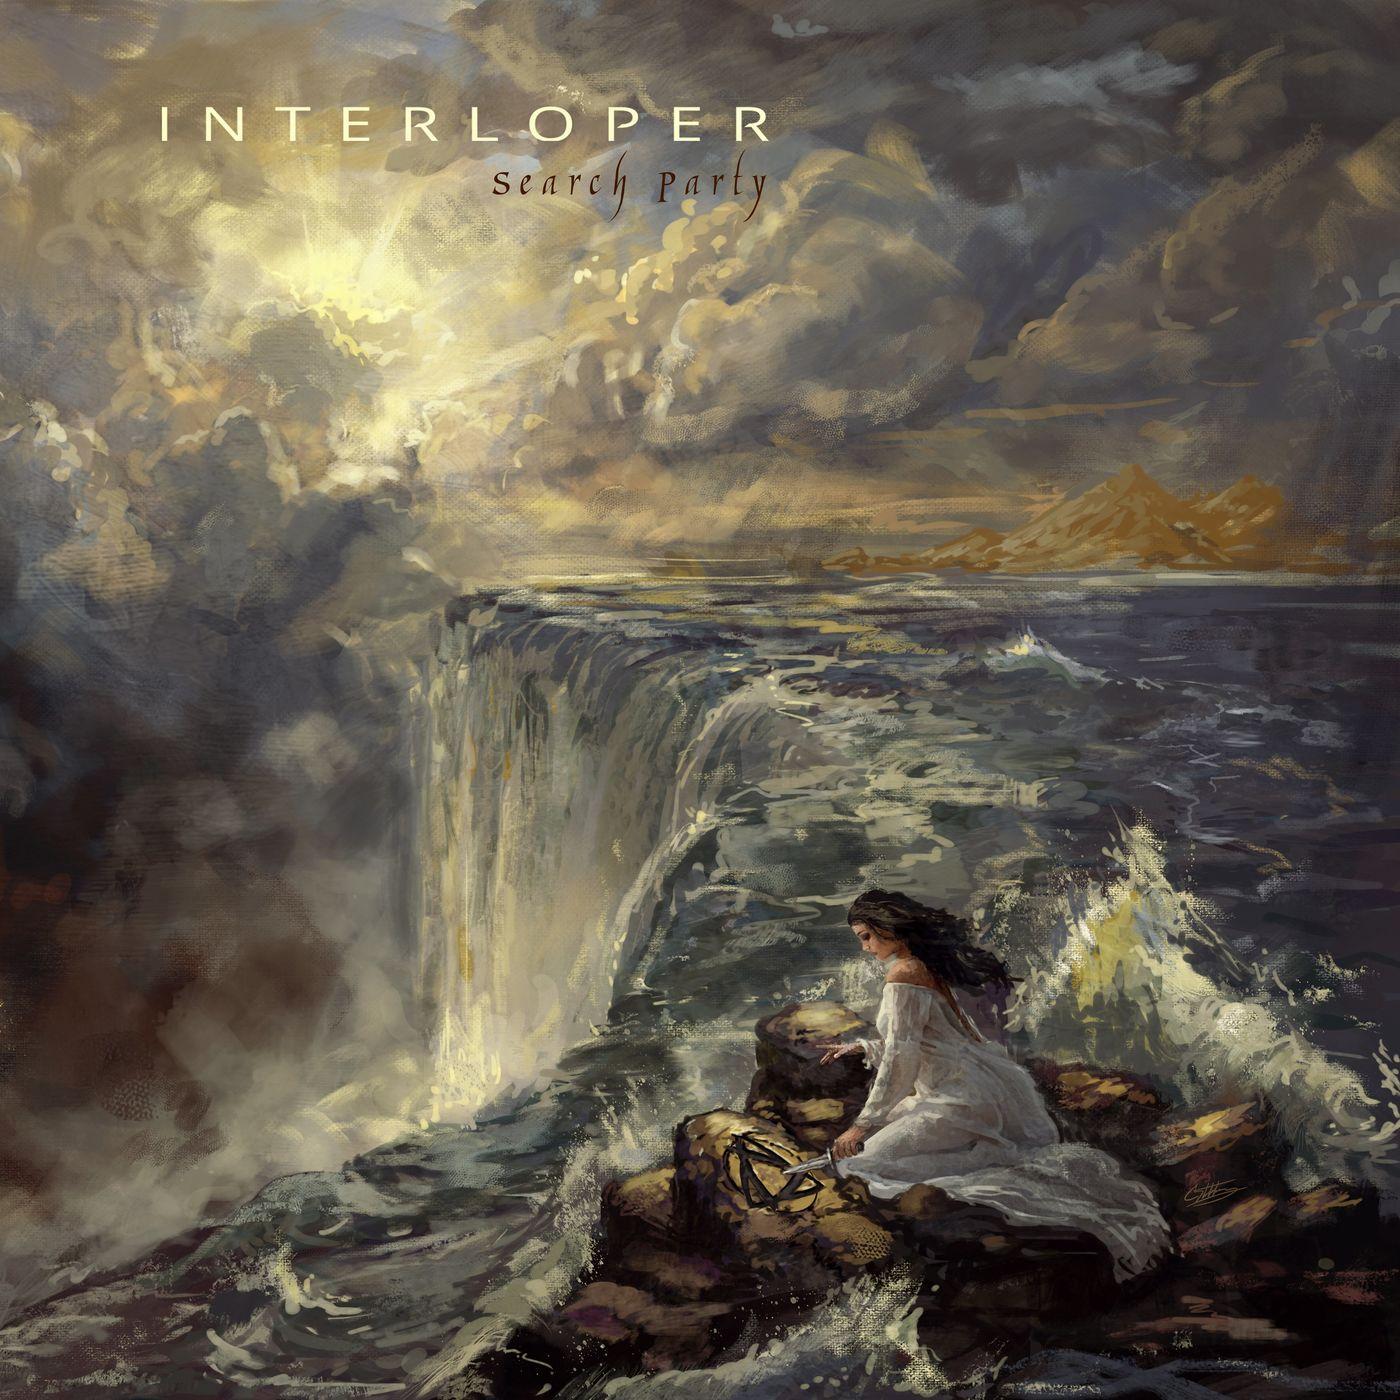 Interloper - Search Party [single] (2021)